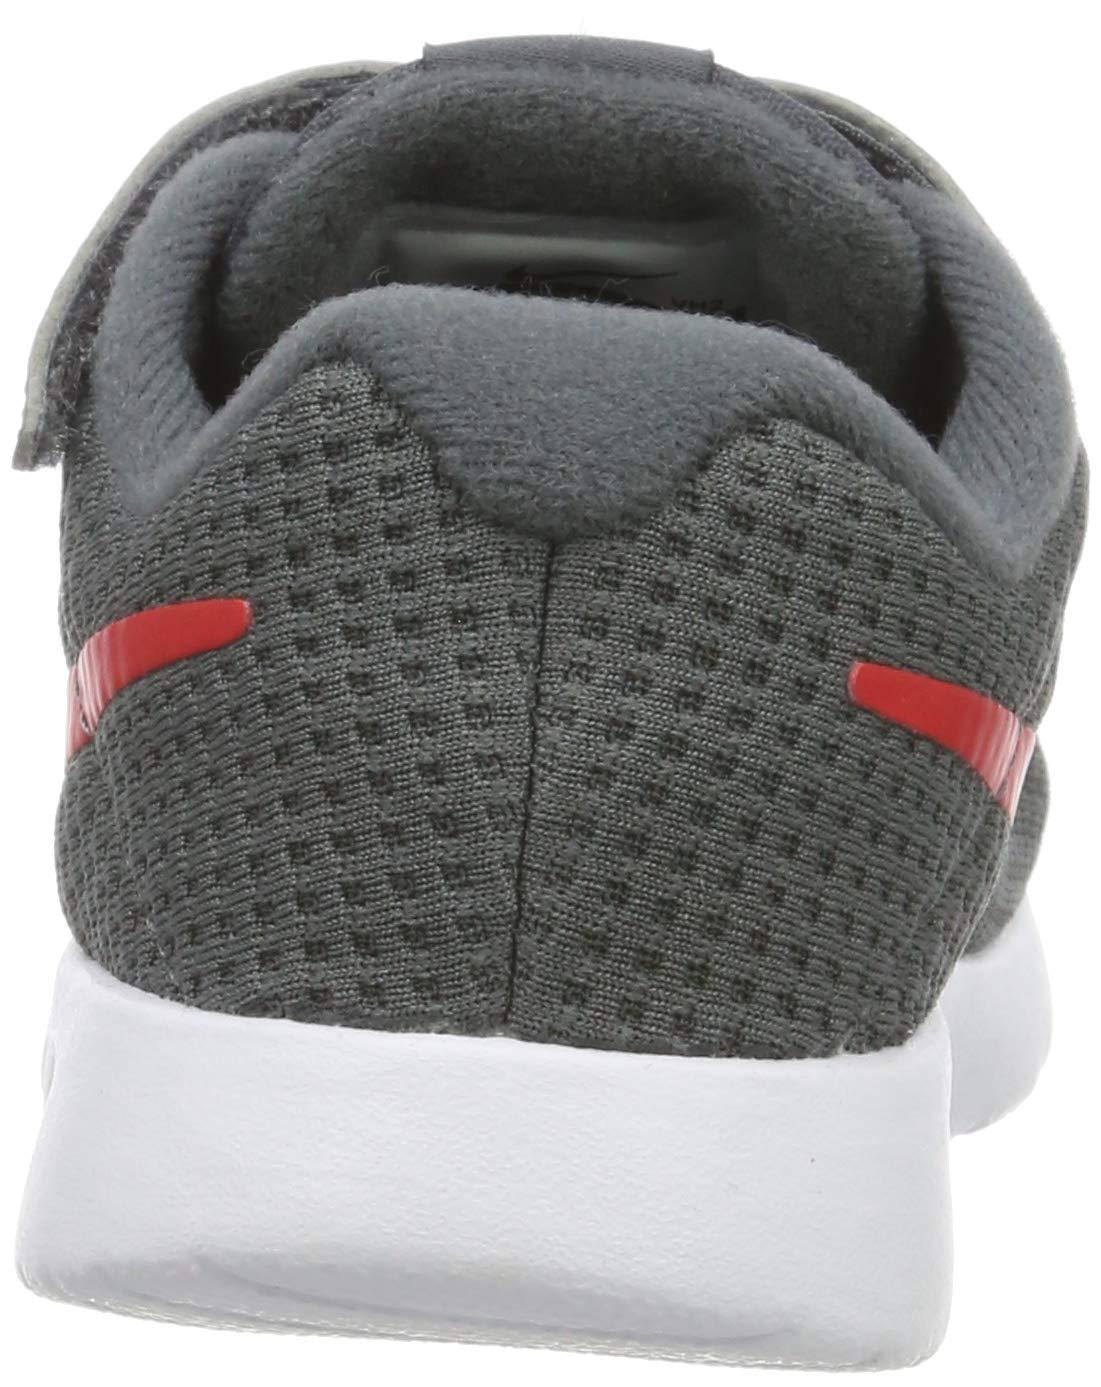 Nike Kid's Tanjun Running Shoe (7 M US Toddler, Dark Grey/University Red/White) by Nike (Image #2)